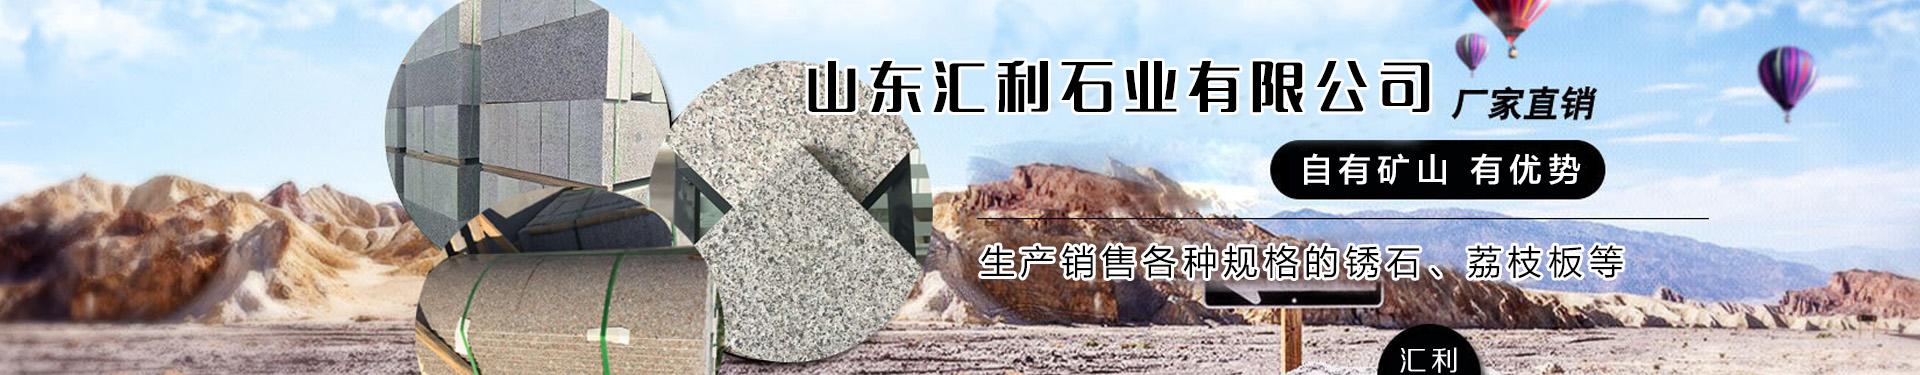 山东汇利石业有限公司